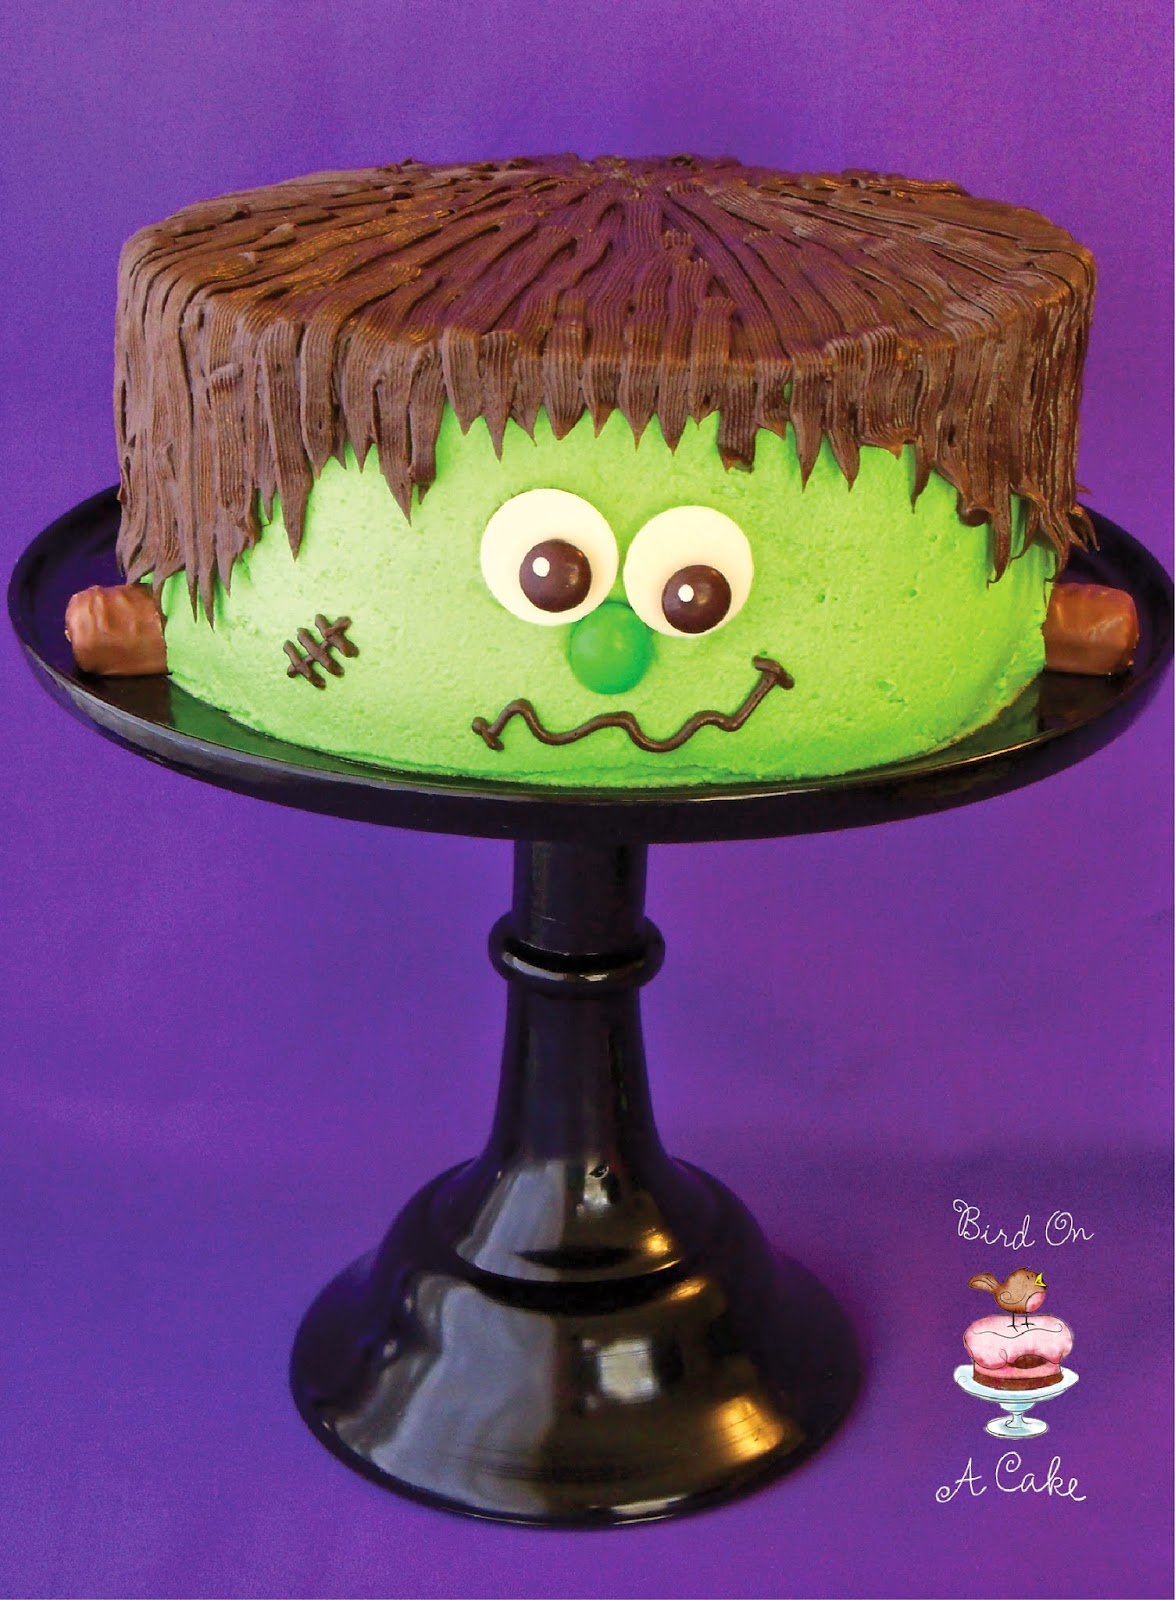 http://birdonacake.blogspot.com/2012/09/frankensteins-monster-cake.html